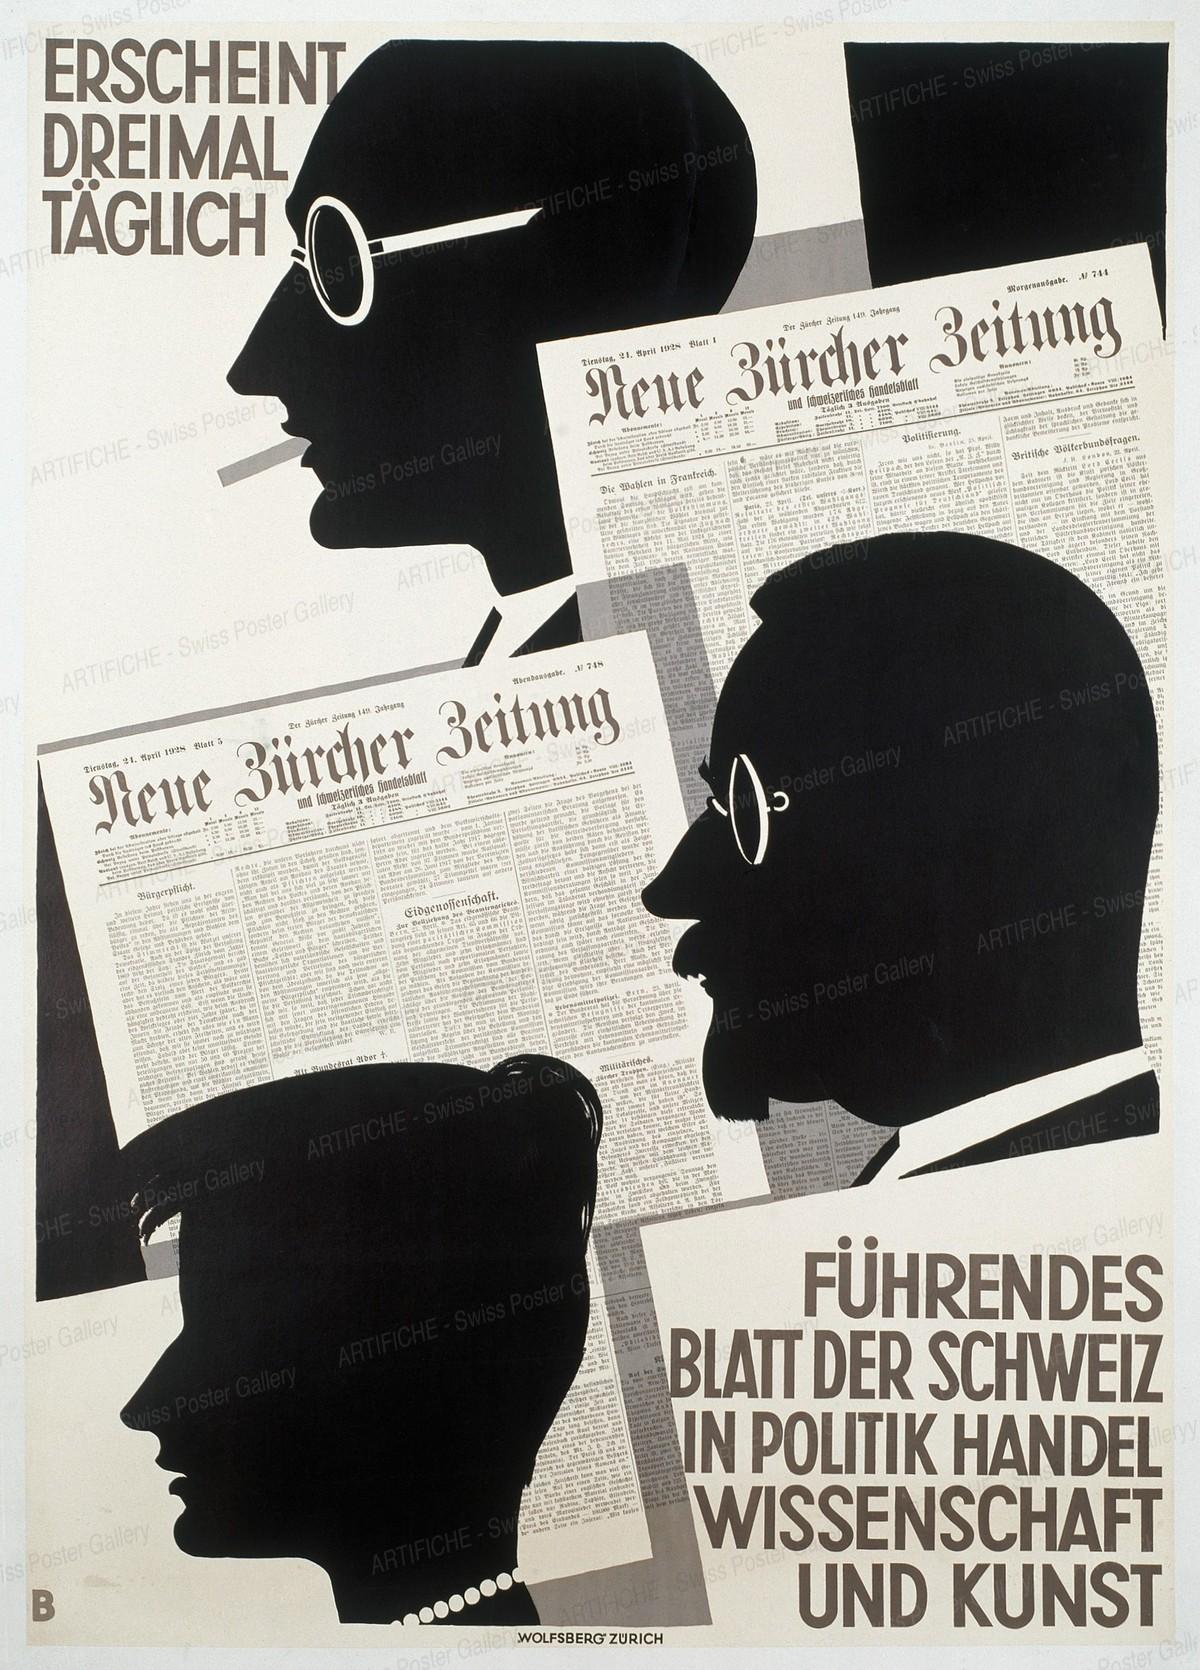 NEUE ZÜRCHER ZEITUNG – Erscheint dreimal täglich – – Führendes Blatt der Schweiz in Politik Handel Wissenschaft und Kunst, Otto Baumberger